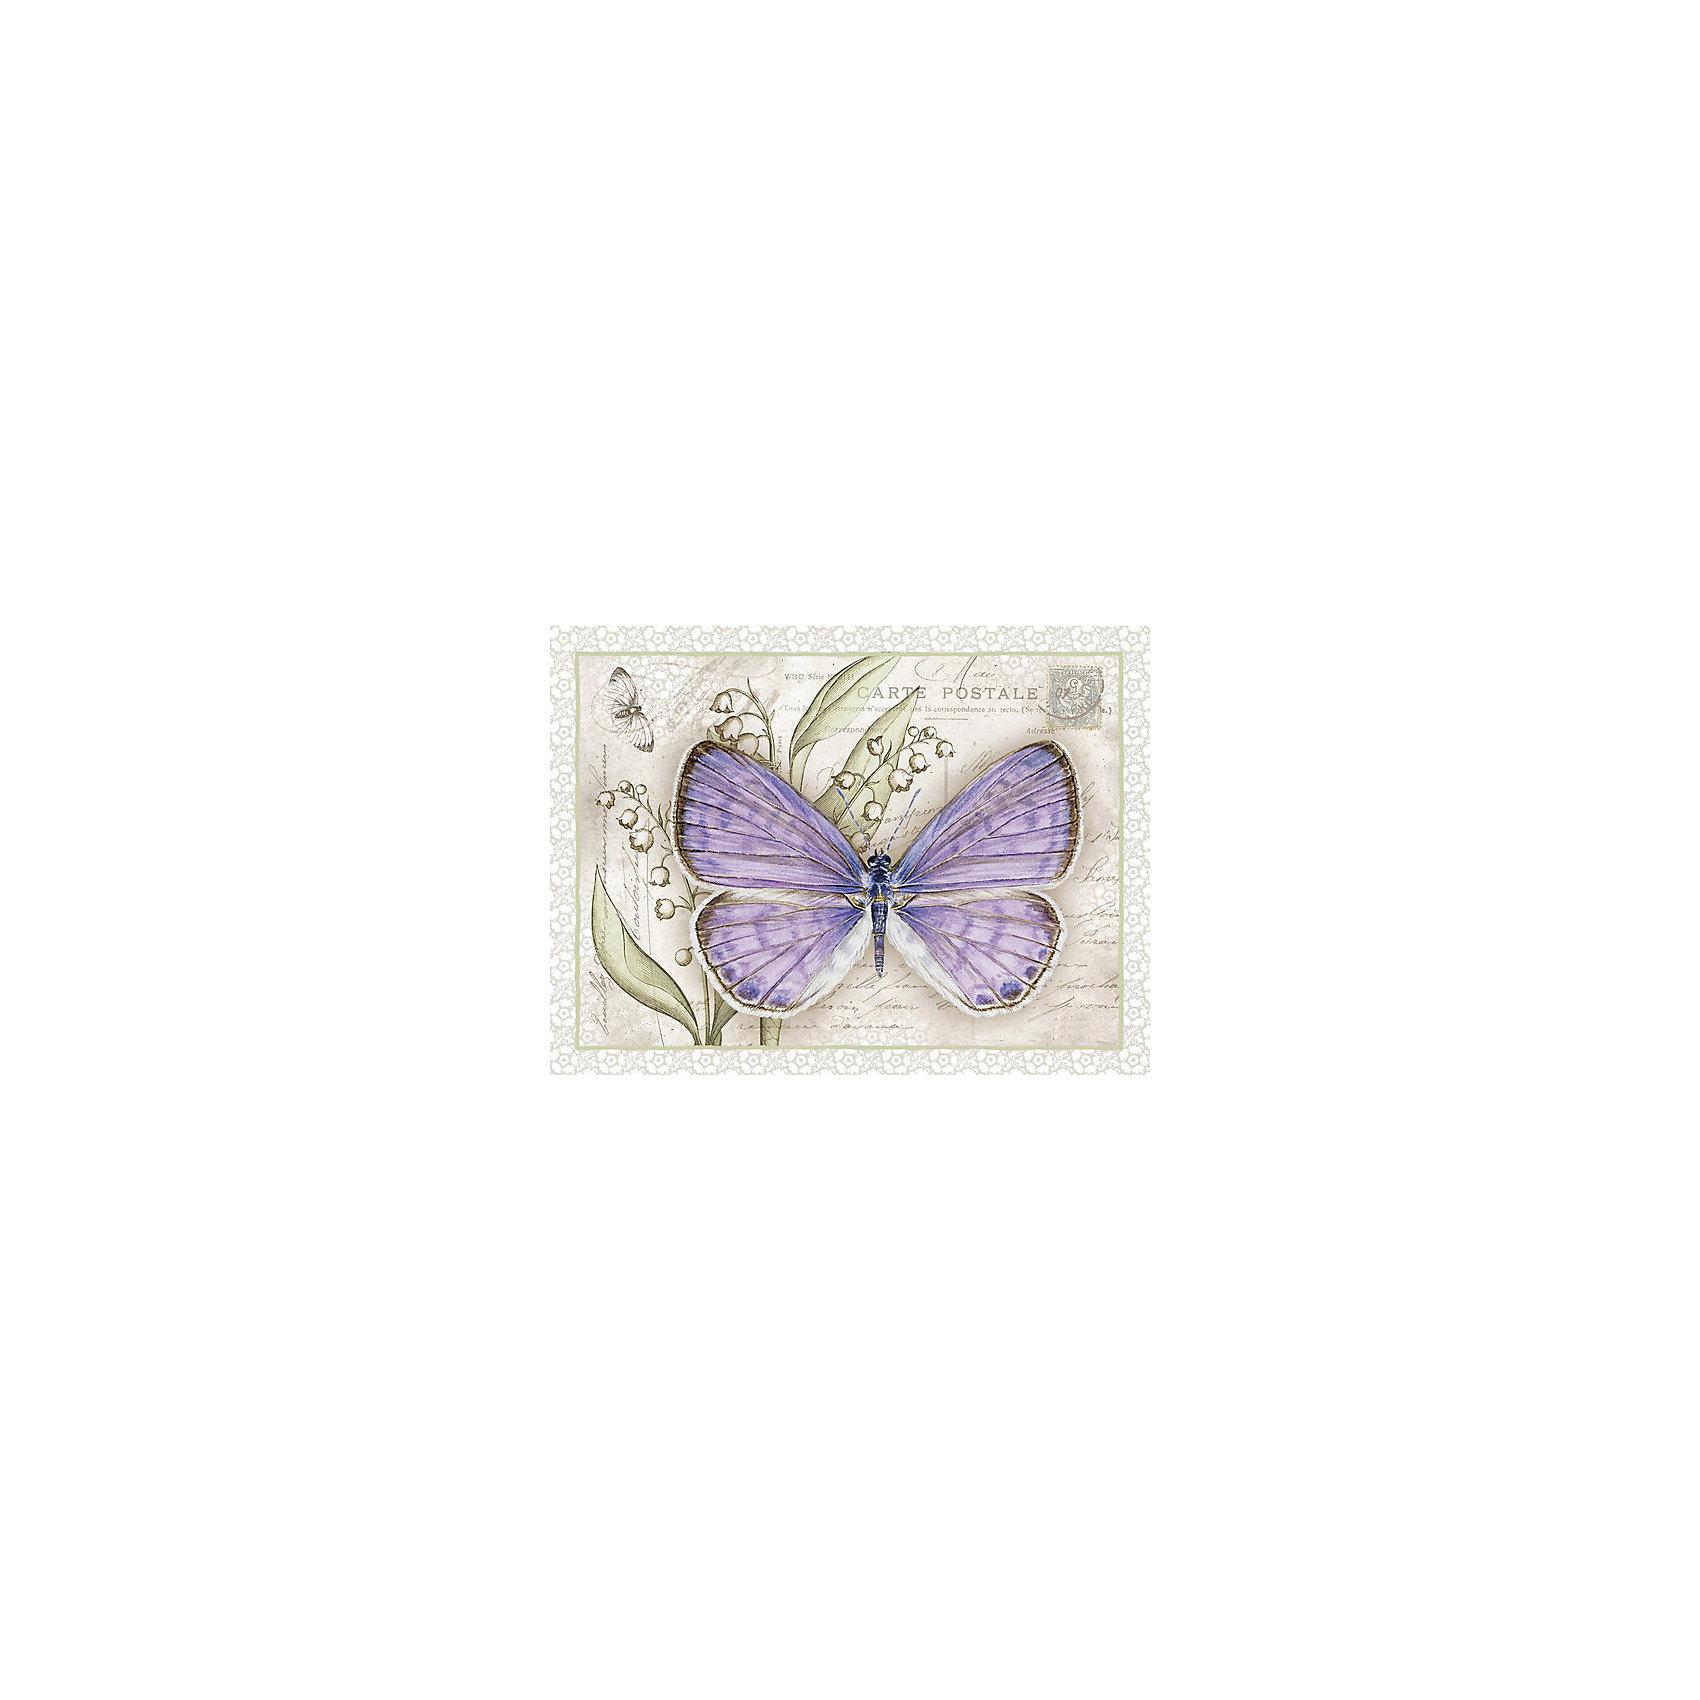 Картина - репродукция Сиреневая бабочка, Феникс-ПрезентПредметы интерьера<br>Картина - репродукция Сиреневая бабочка, Феникс-Презент <br><br>Характеристики:<br><br>• печать на бумаге<br>• без рамки<br>• основа из МДФ<br>• размер: 30х40х1 см<br><br>Картина Сиреневая бабочка поднимет настроение и станет прекрасным украшением для любого интерьера. Основа изготовлена из МДФ. На картине изображена большая бабочка. Краски не выцветают в течение долгого времени. Картина Сиреневая бабочка долго будет радовать глаз!<br><br>Картину - репродукцию Сиреневая бабочка, Феникс-Презент можно купить в нашем интернет-магазине.<br><br>Ширина мм: 300<br>Глубина мм: 400<br>Высота мм: 100<br>Вес г: 793<br>Возраст от месяцев: -2147483648<br>Возраст до месяцев: 2147483647<br>Пол: Унисекс<br>Возраст: Детский<br>SKU: 5449538